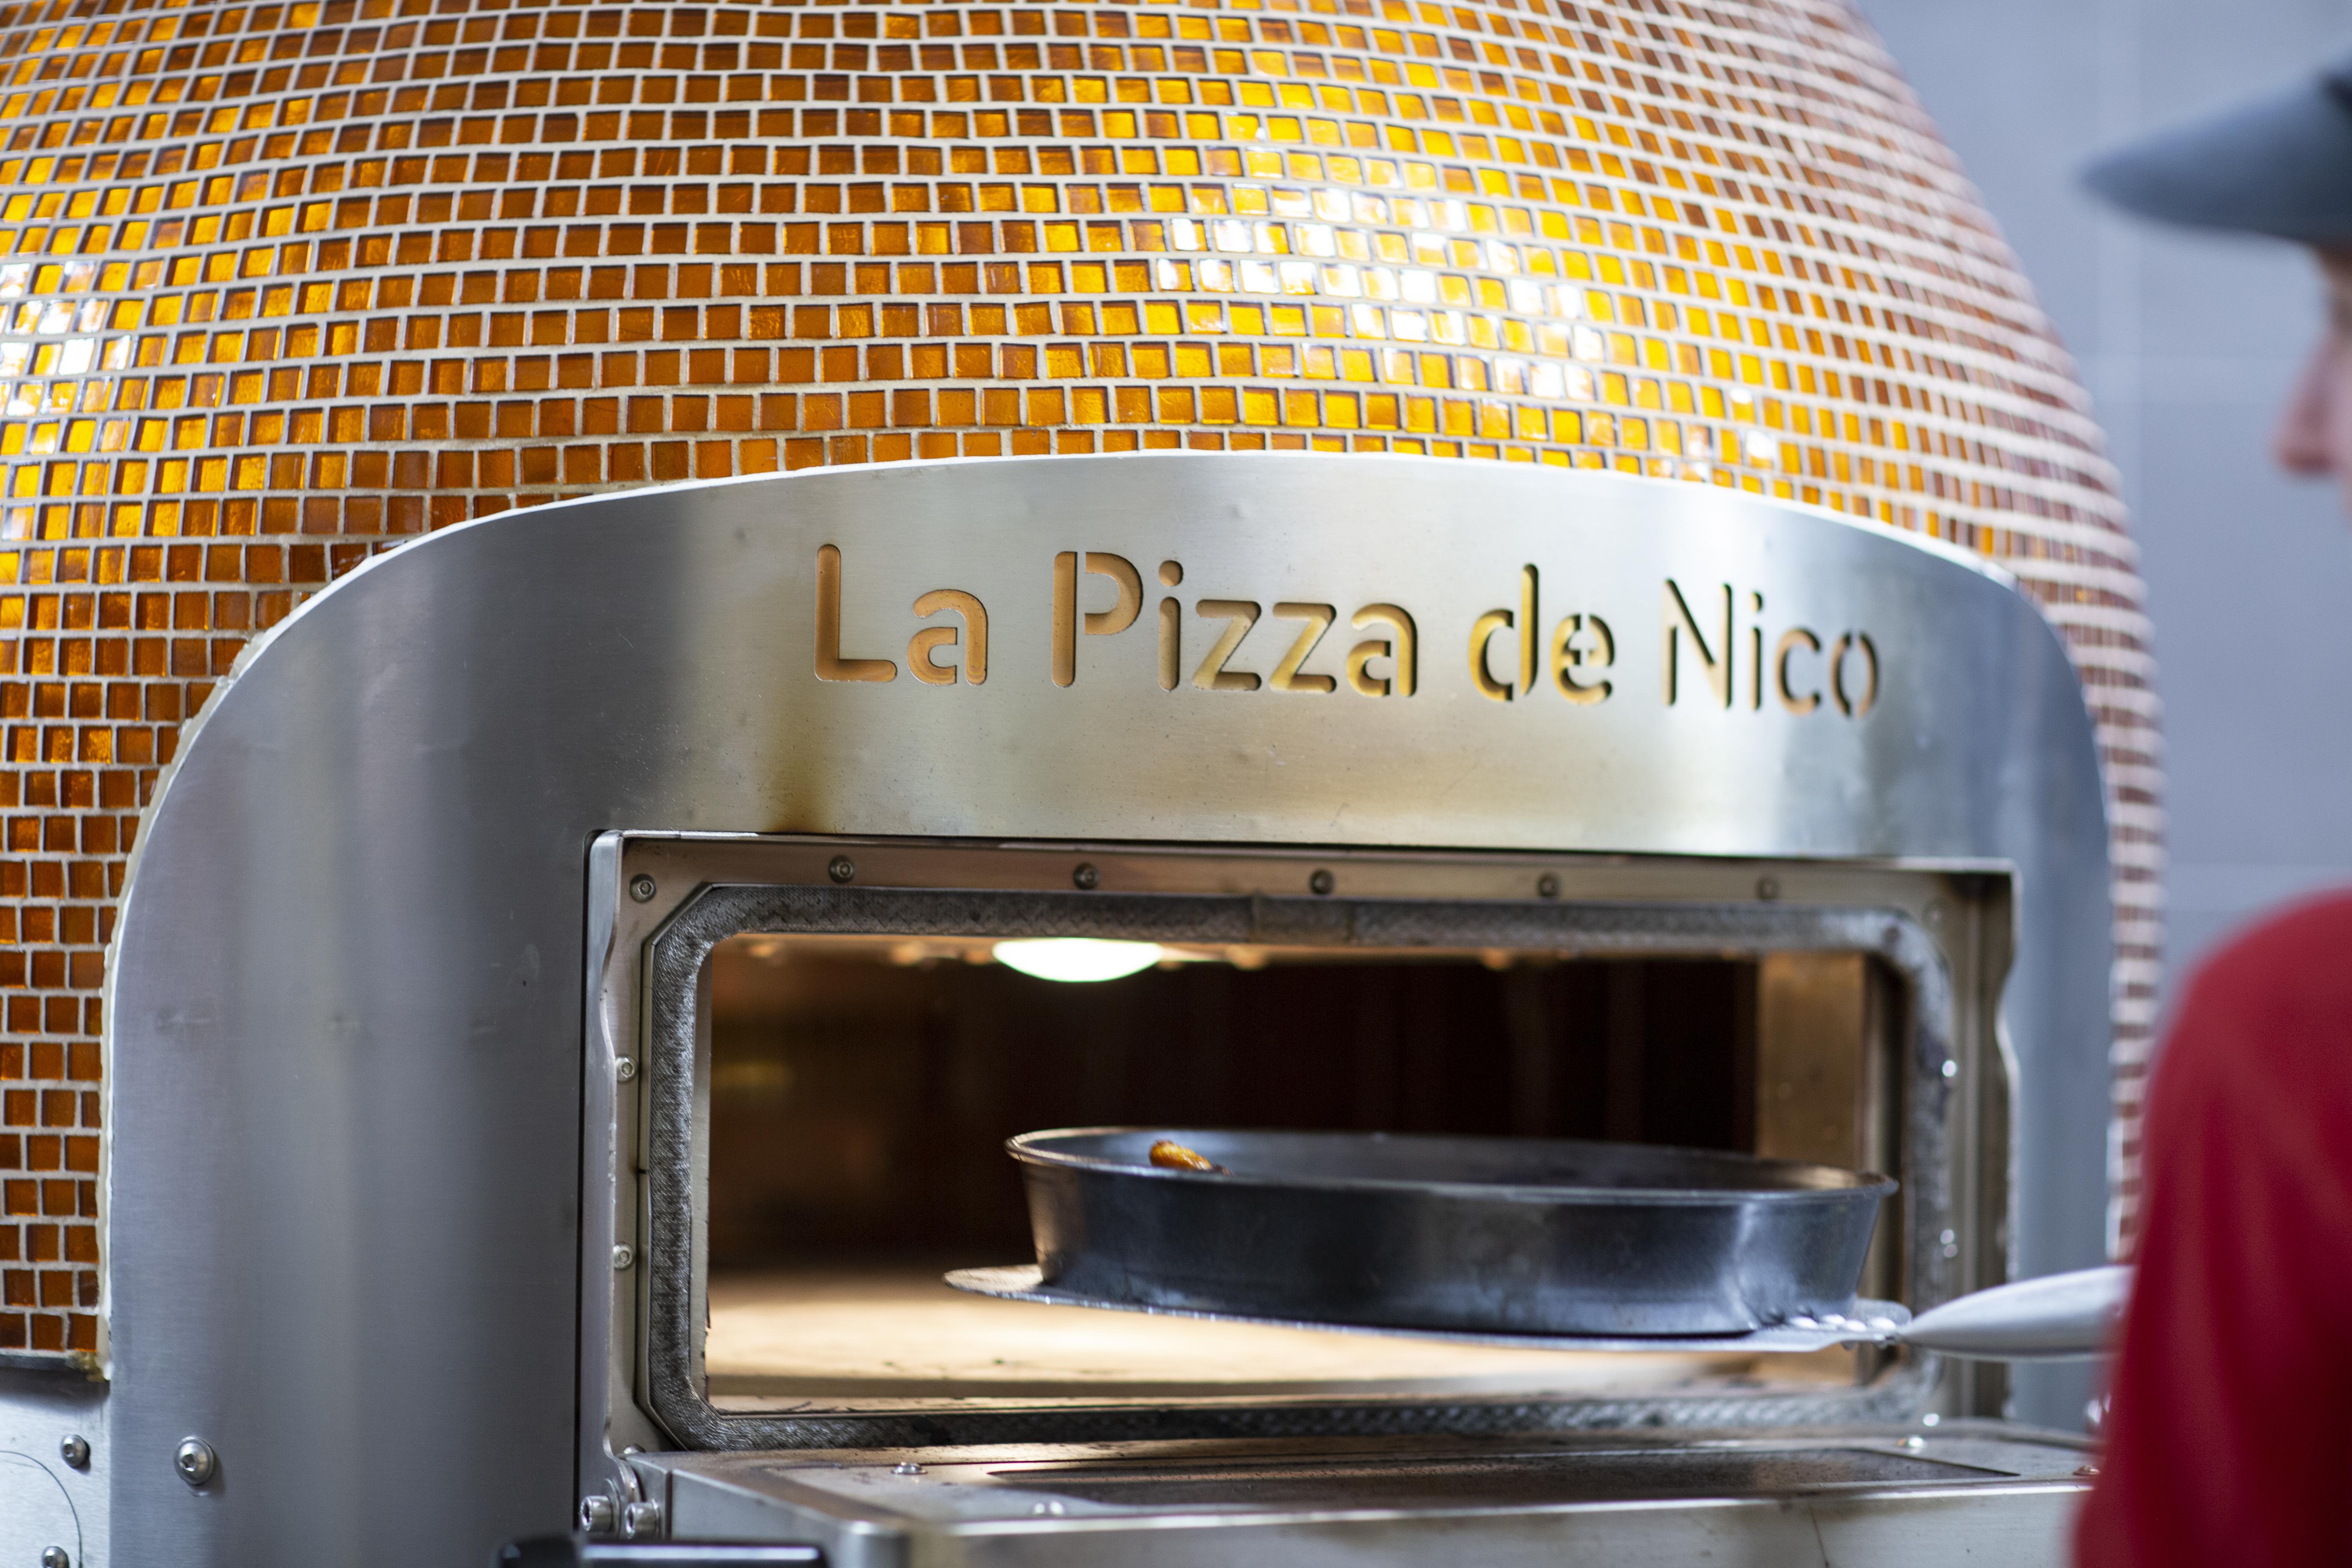 Franchise restaurant pizzeria La Pizza de Nico